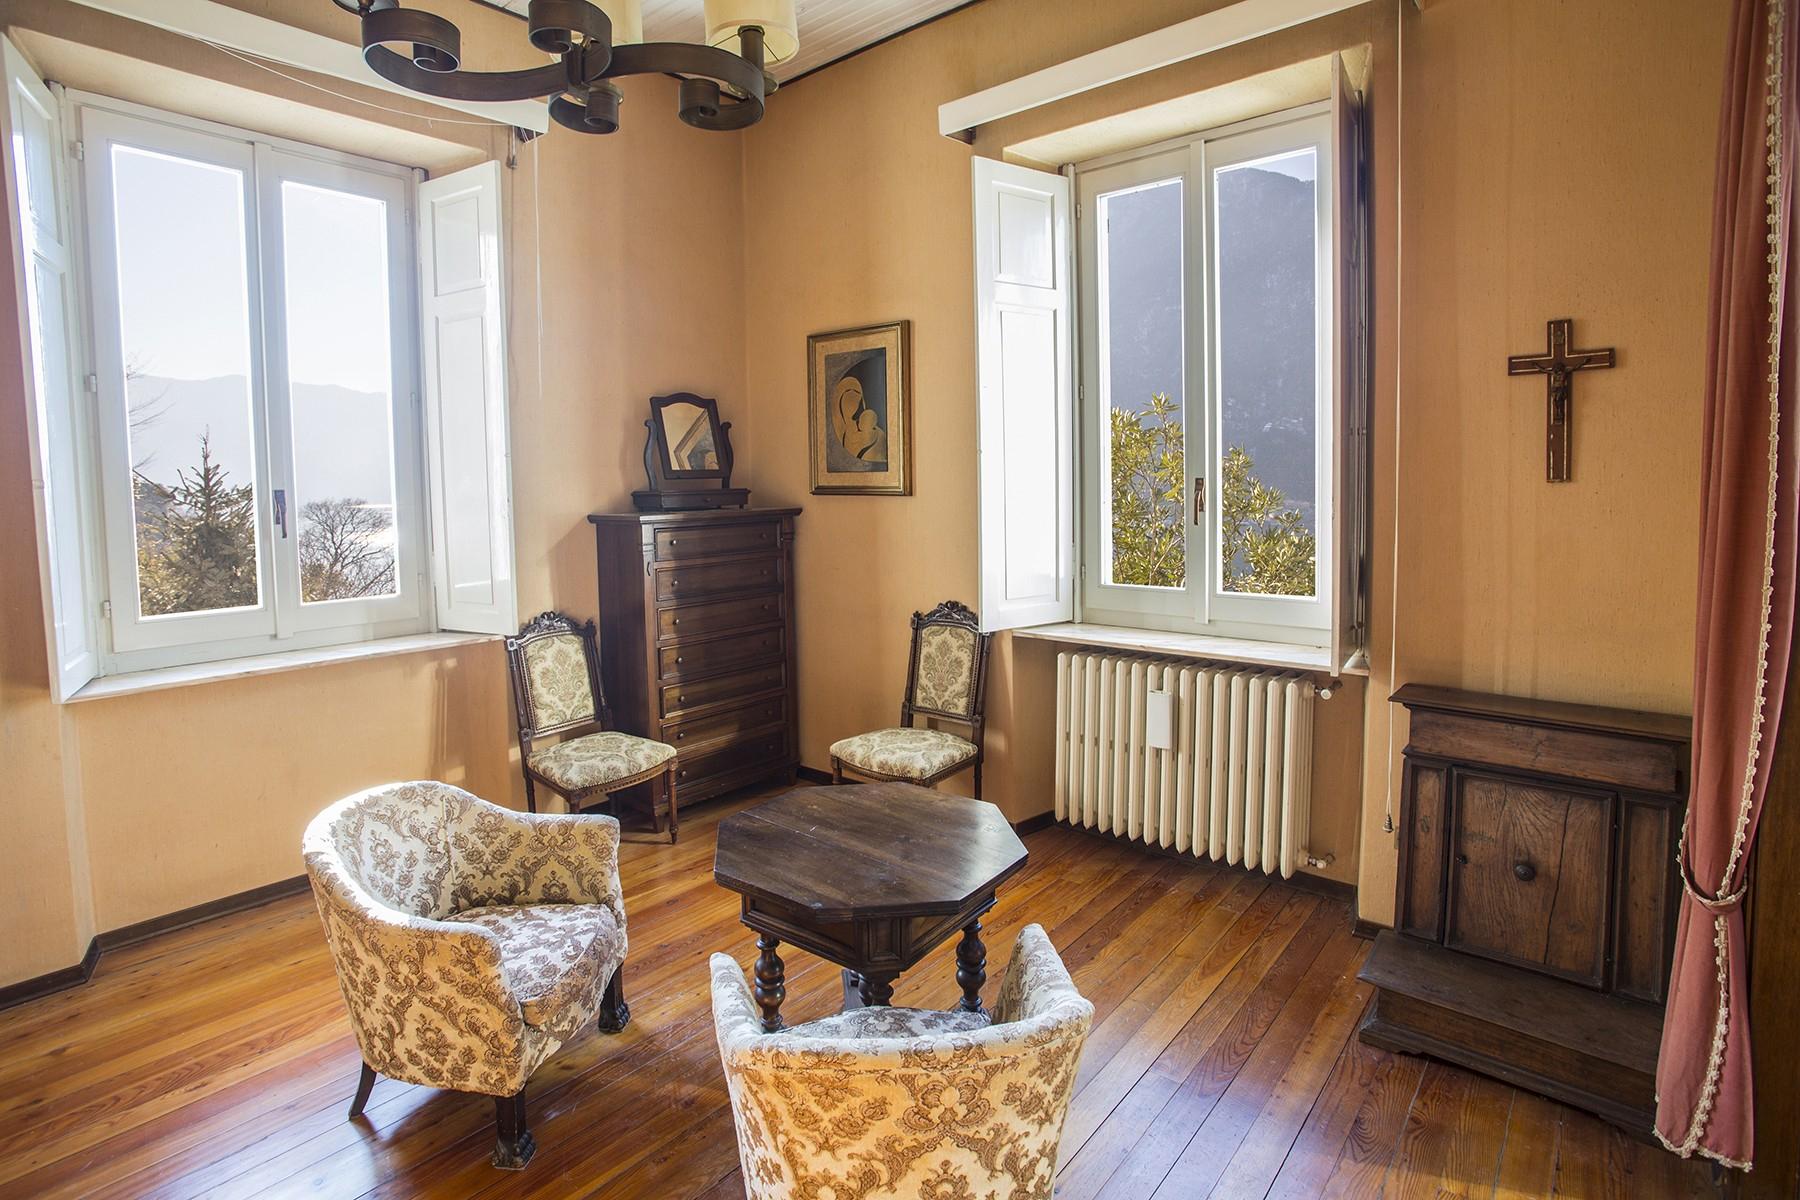 Villa in Vendita a Nesso: 5 locali, 250 mq - Foto 18